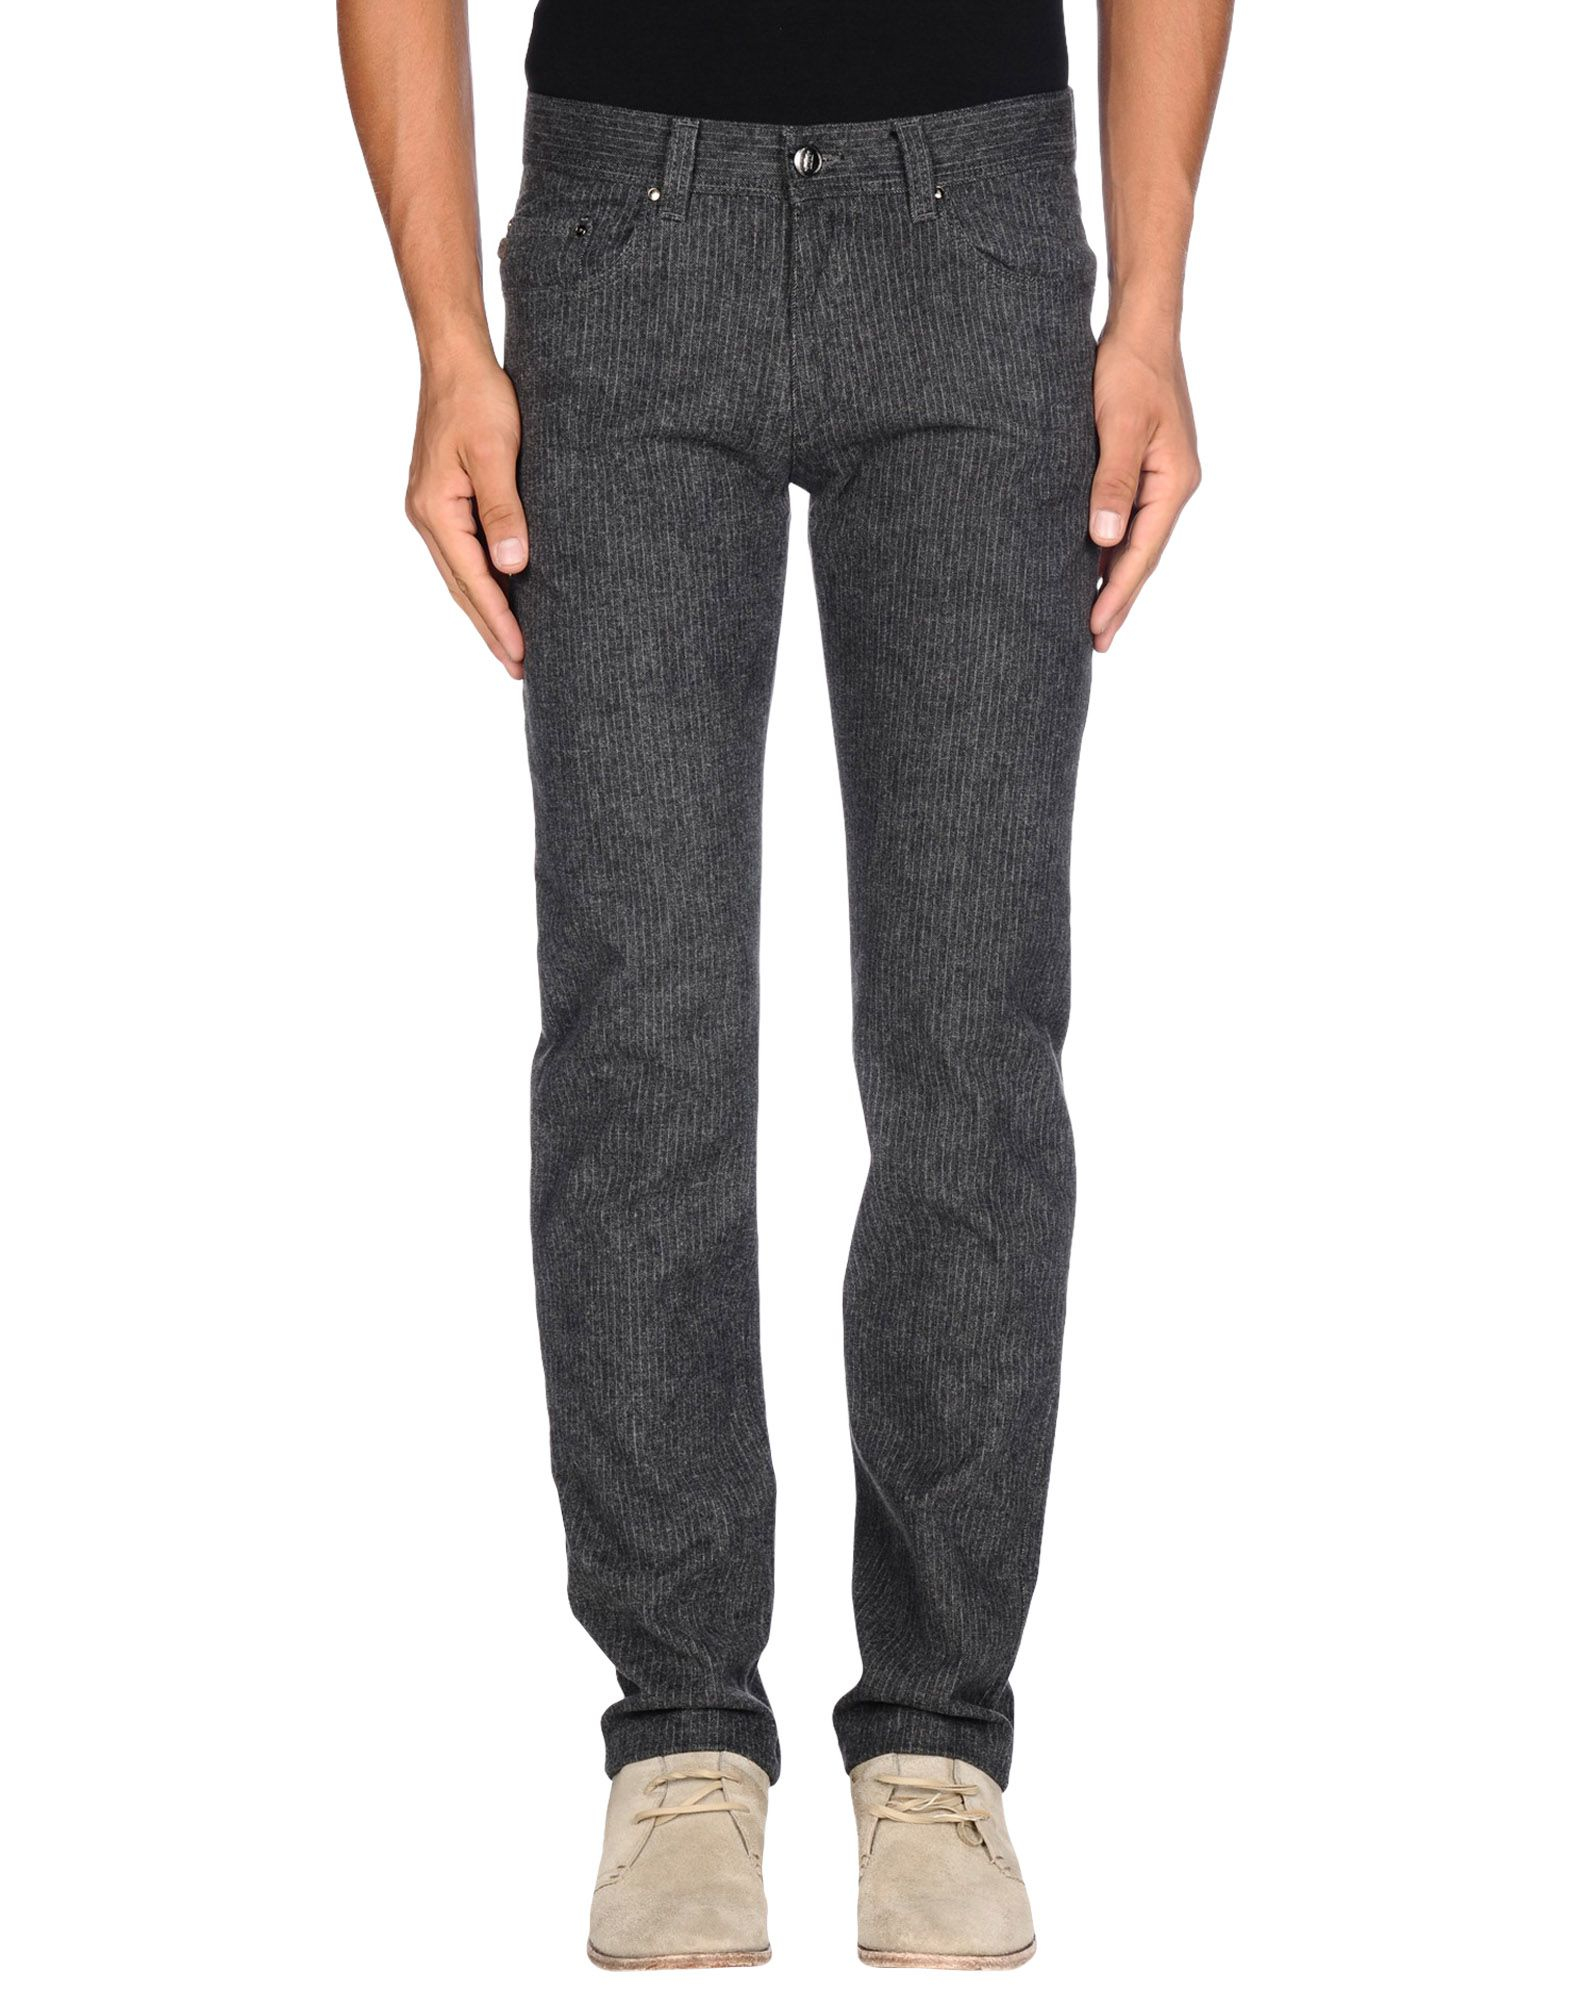 TROUSERS - Casual trousers Braddock 9Yo0M65